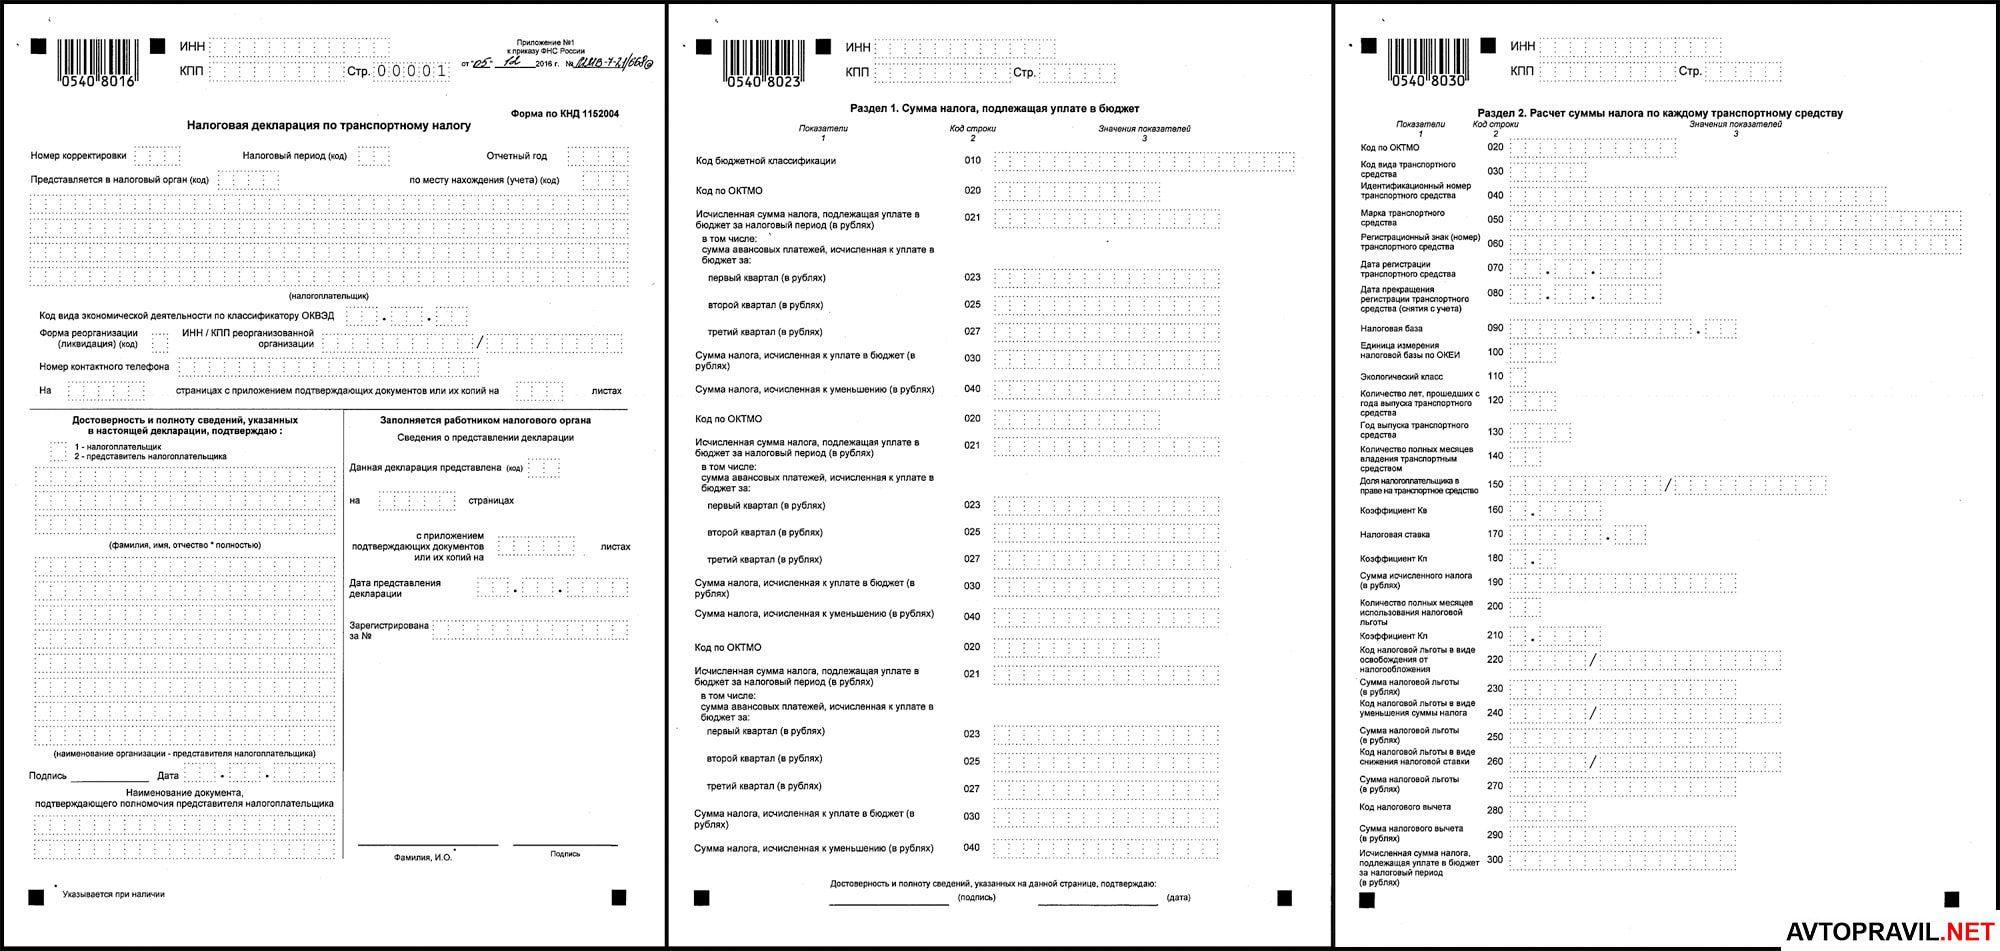 Декларация по транспортному налогу для юридических лиц5c62a45aba8e8